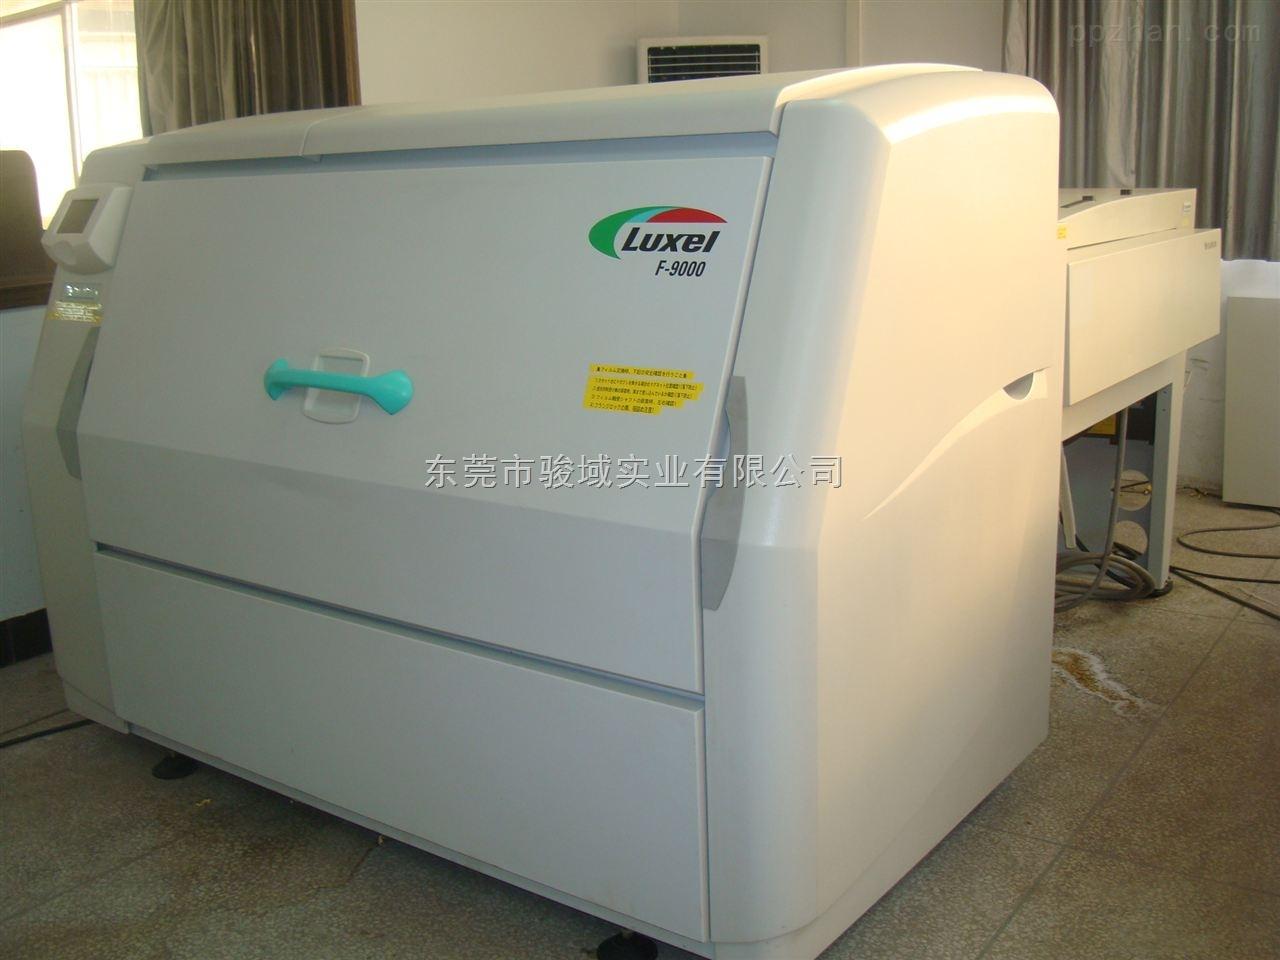 日本进口网屏照排机3050、龙霸F-9000照排机